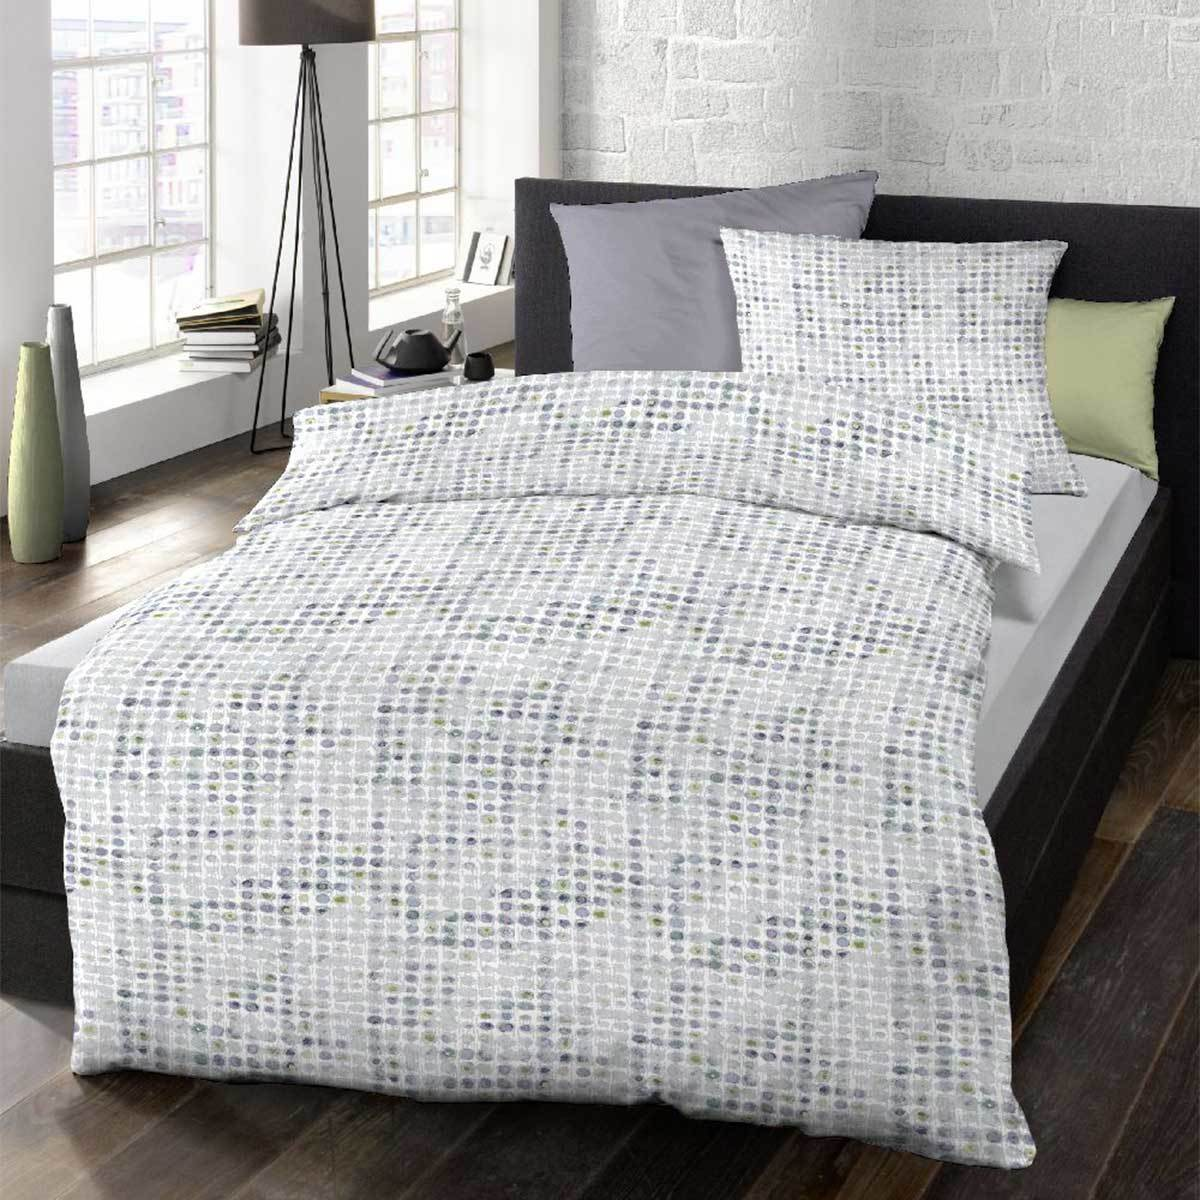 schlafgut soft touch cotton bettw sche prisella weinbeere g nstig online kaufen bei bettwaren shop. Black Bedroom Furniture Sets. Home Design Ideas